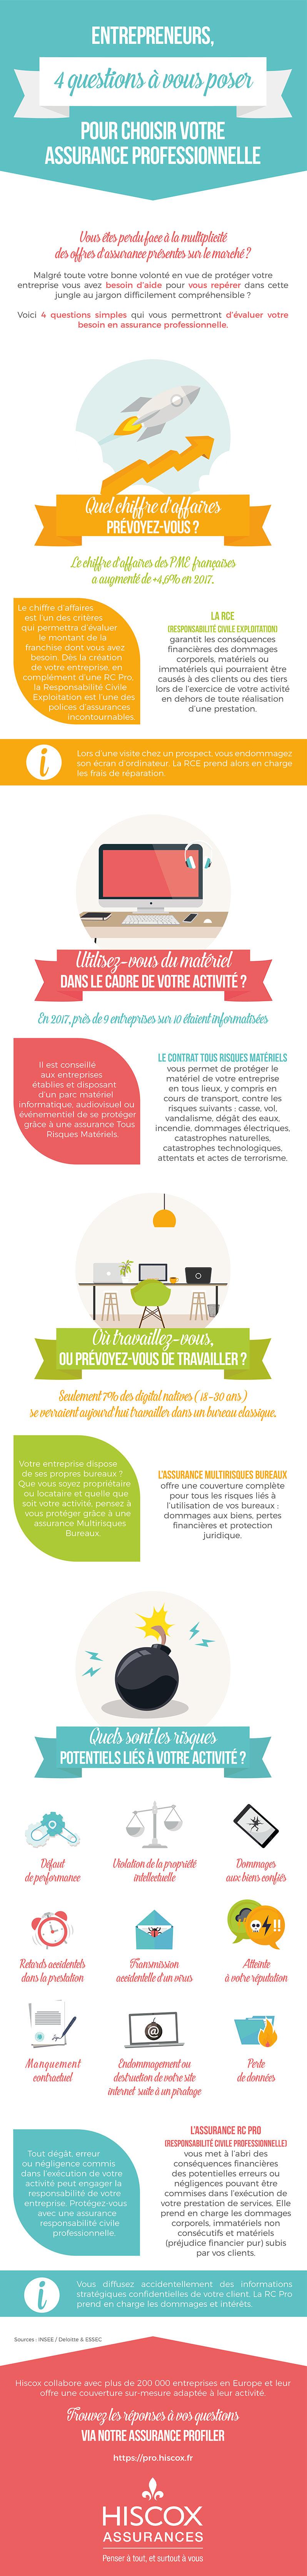 assurance professionnelle entrepreneur infographie